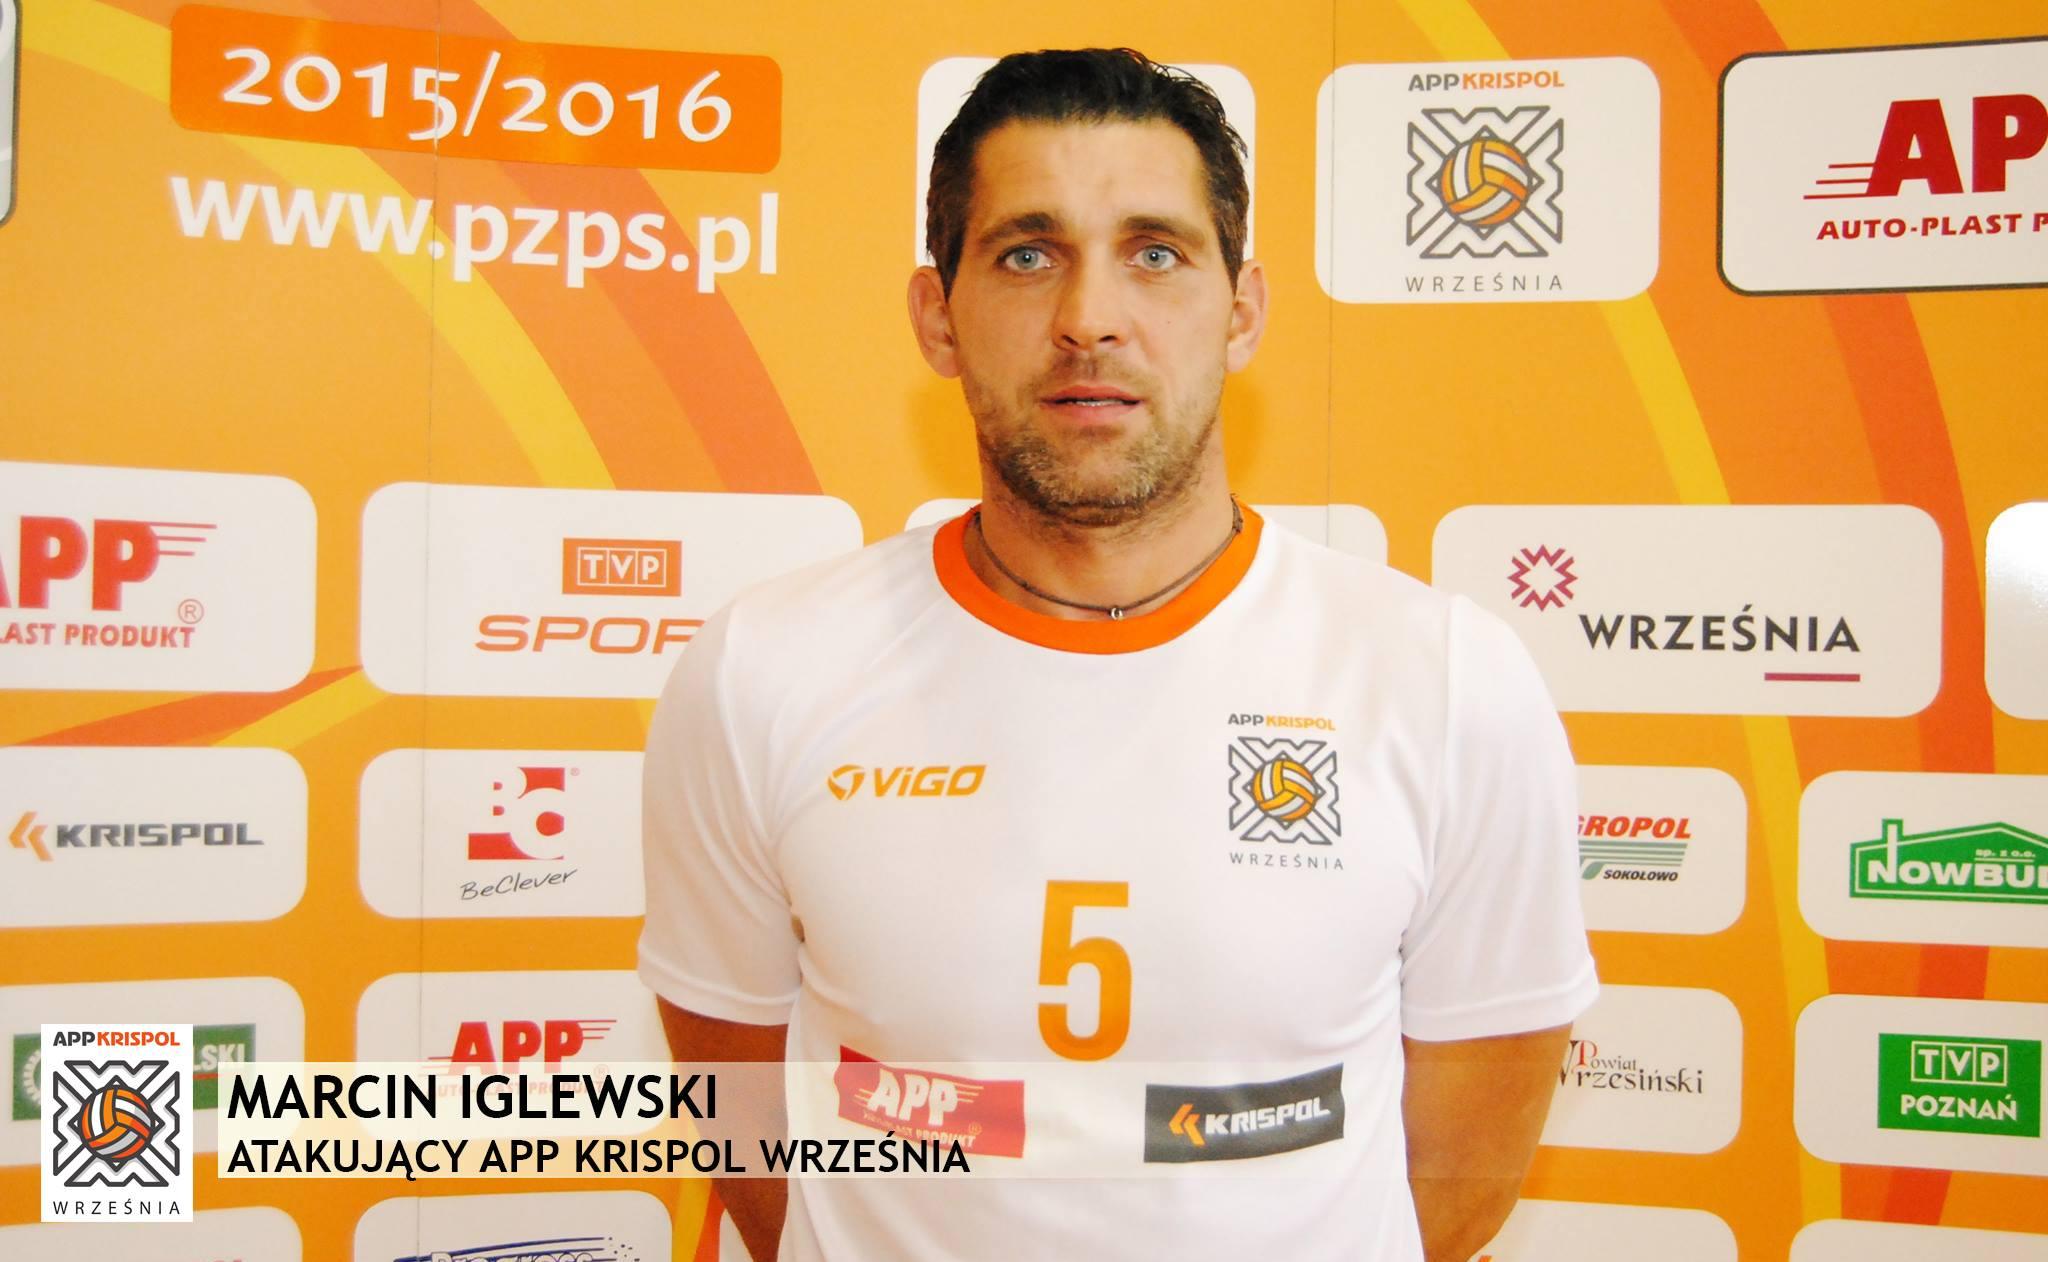 Marcin Iglewski